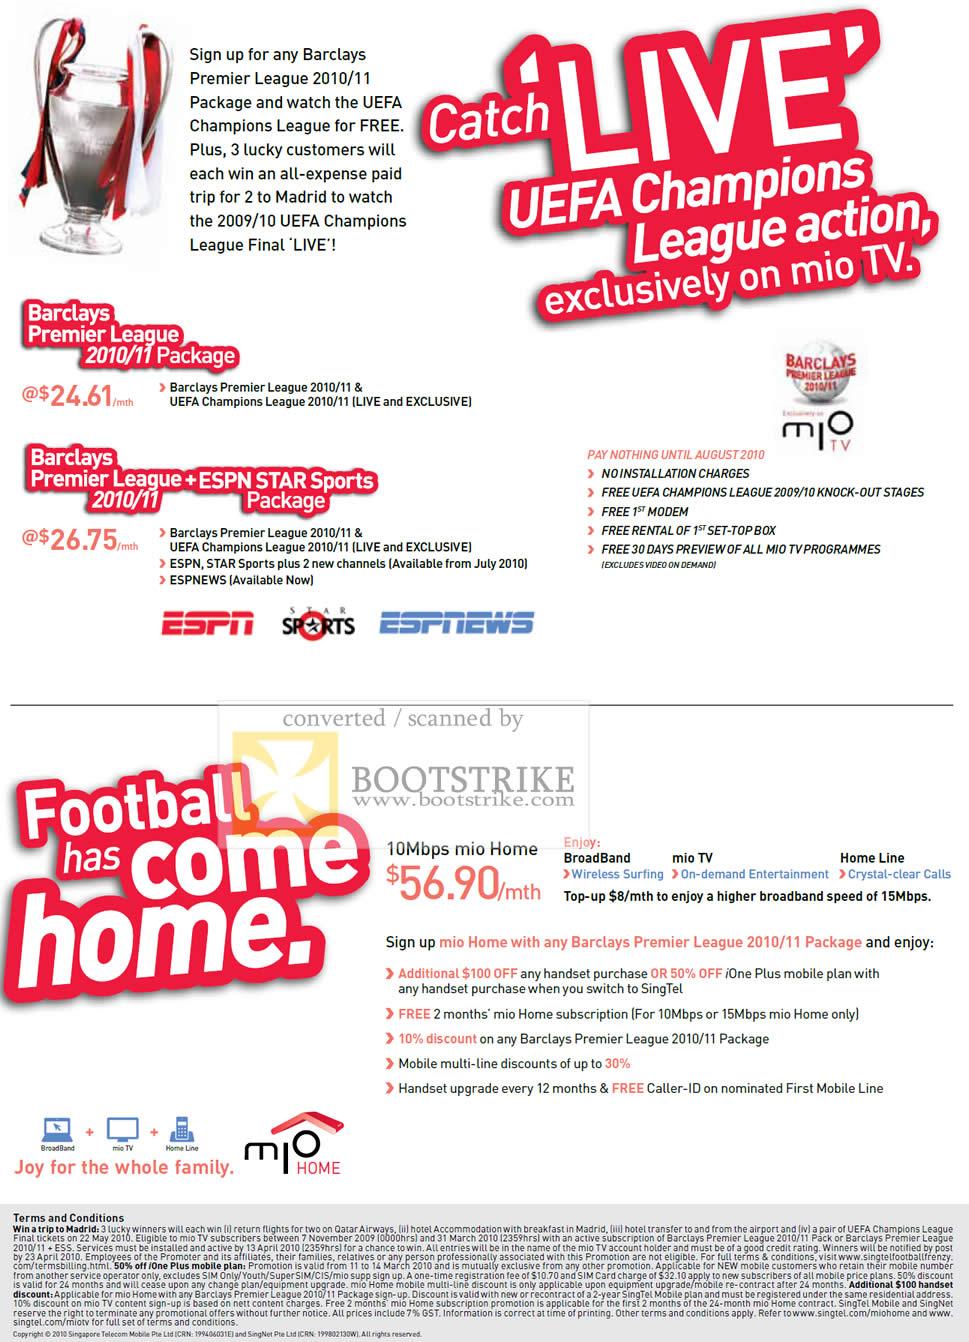 IT Show 2010 price list image brochure of Singtel Mio TV Barclays Premier League UEFA Champions League Mio Home